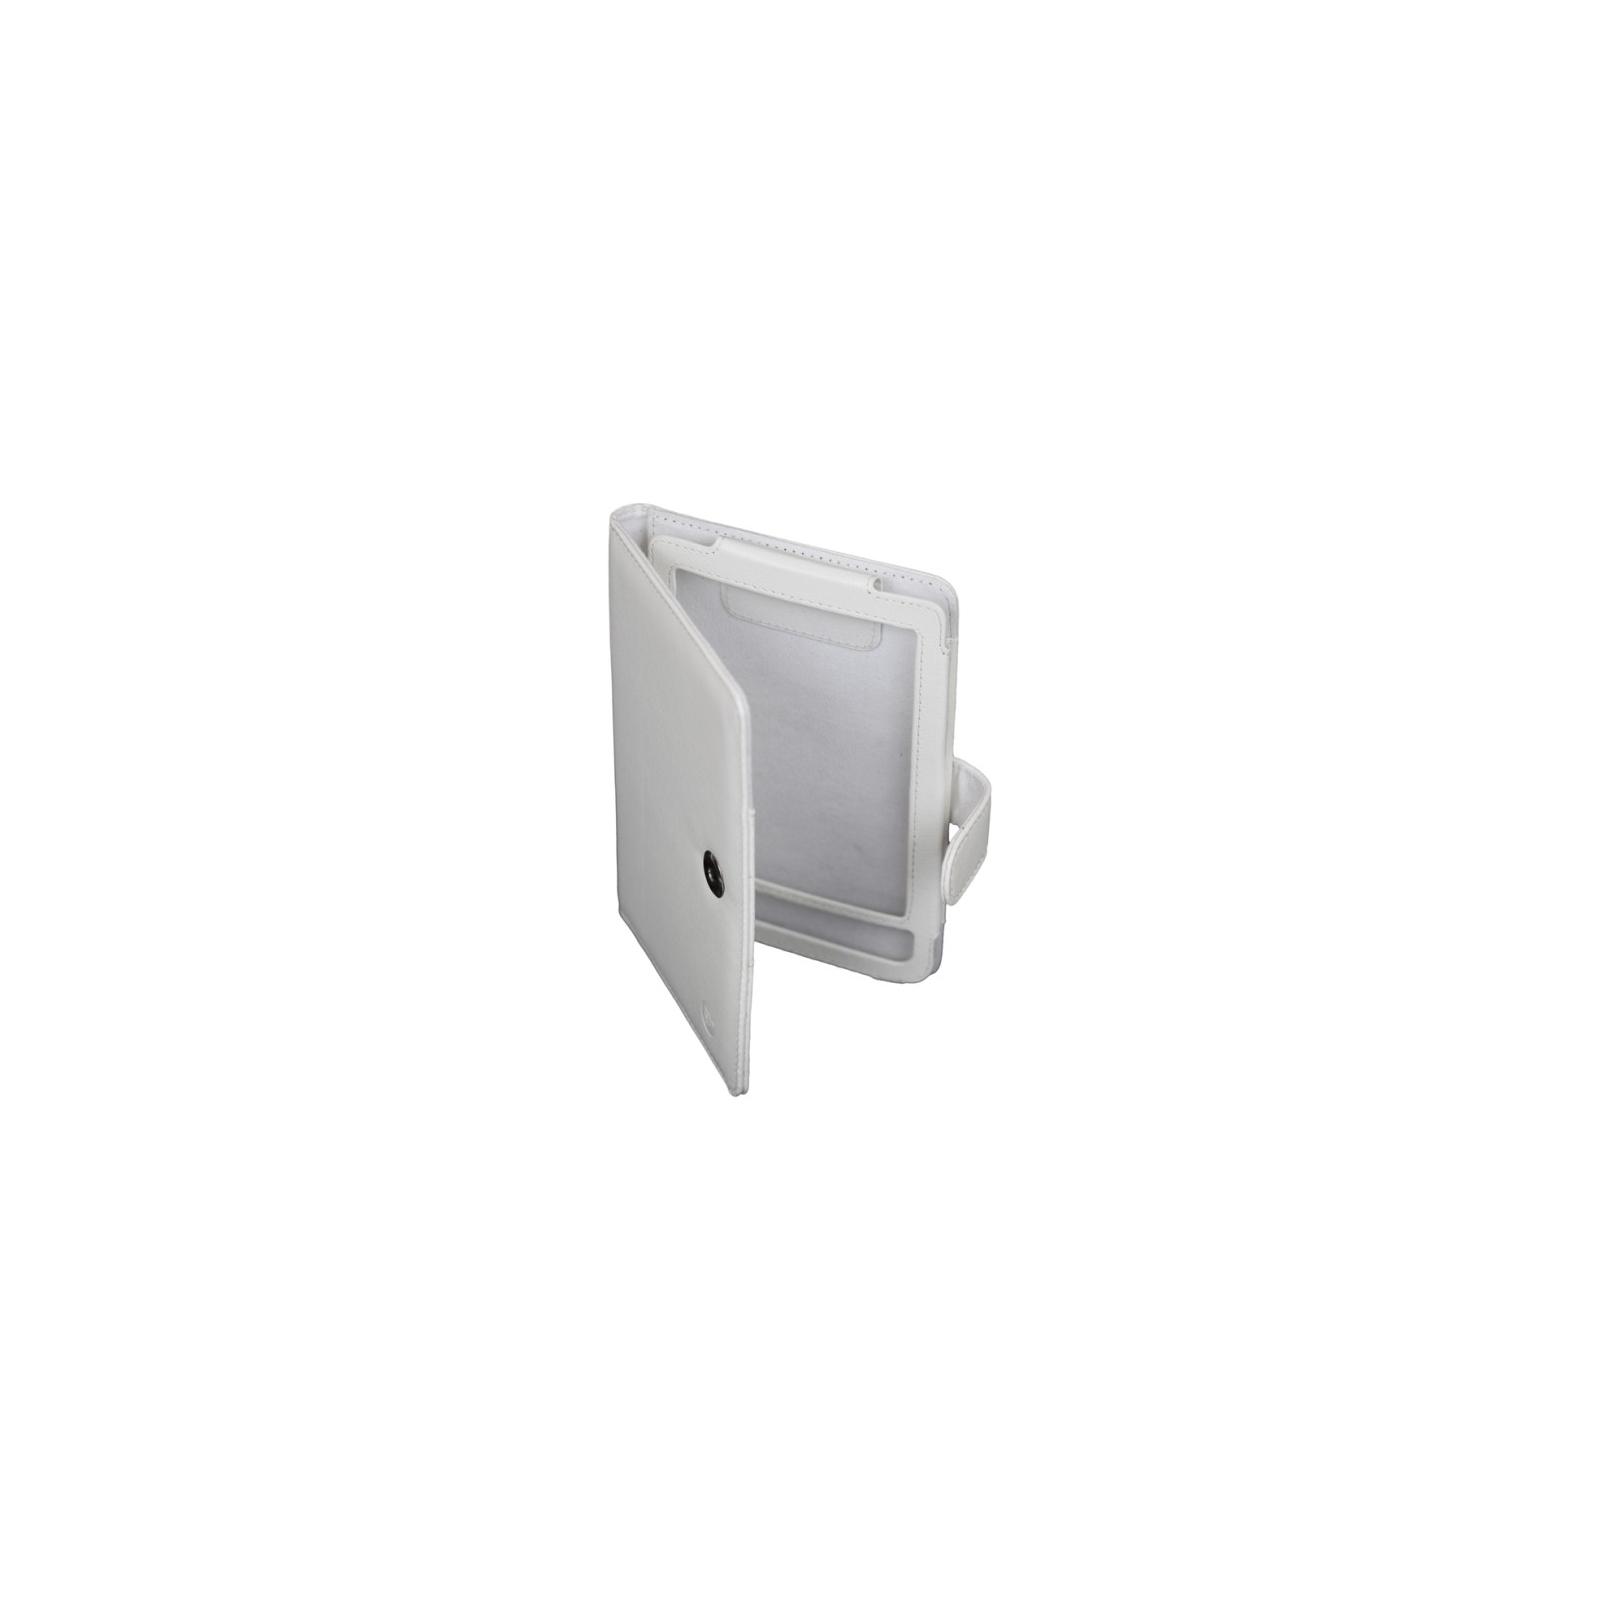 Чехол для электронной книги AirOn для PocketBook 622/623 Touch (white) (6946795860013) изображение 2